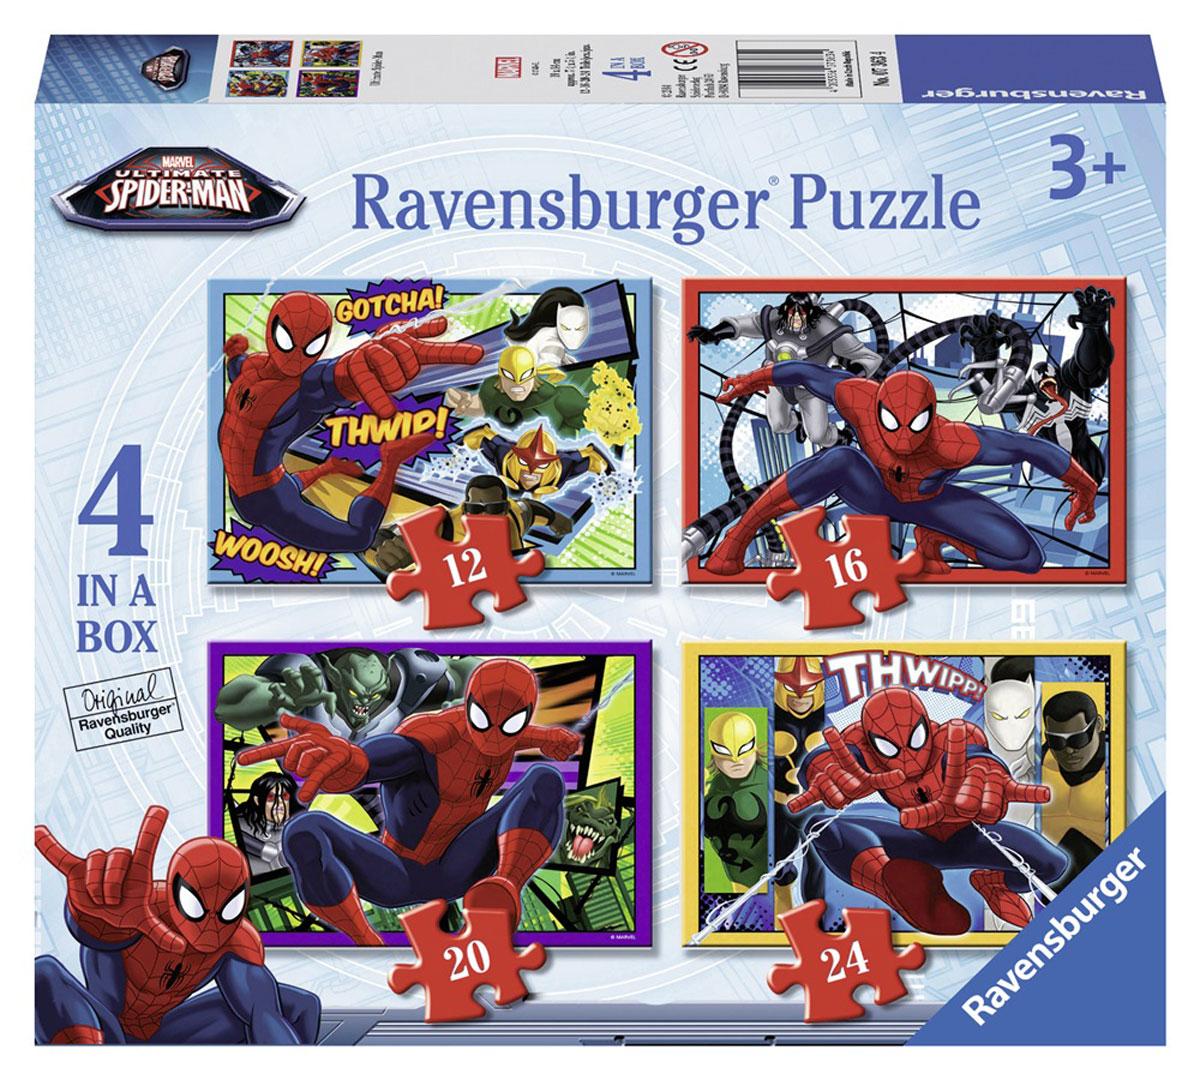 Ravensburger Пазл для малышей Человек-паук 4 в 17363Пазл для малышей Ravensburger Человек-паук прекрасно подходит для первого знакомства малыша с мозаикой, способствует формированию навыка соединения целого изображения из различных элементов. Набор включает в себя 4 пазла. Первый пазл состоит из 12 элементов, второй - из 16 элементов, третий - из 20 элементов и четвертый - из 24 элементов. Собрав все элементы, вы получите 4 картинки с изображением главного героя комиксов Mavel - Человека-паука. Собирание пазла развивает у ребенка мелкую моторику рук, тренирует наблюдательность, логическое мышление, знакомит с окружающим миром, с цветом и разнообразными формами, учит усидчивости и терпению, аккуратности и вниманию.